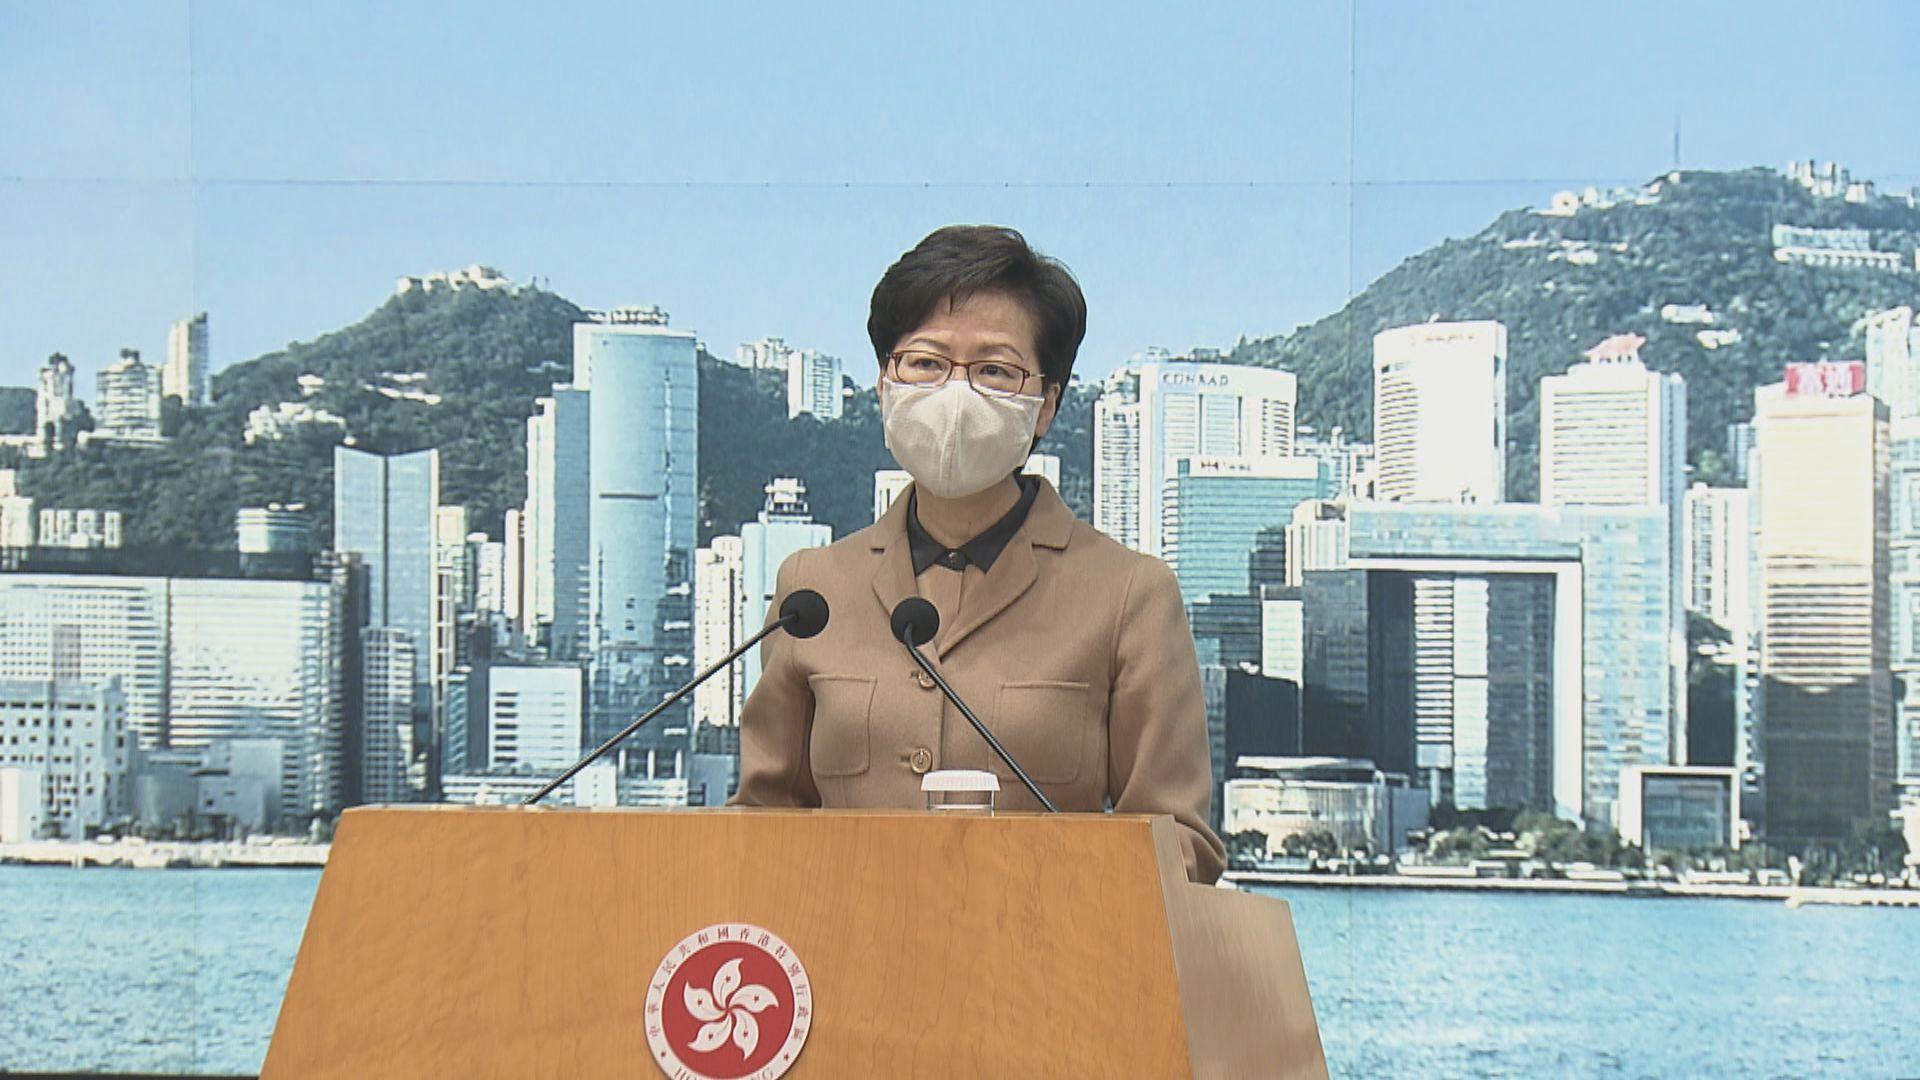 林鄭:有人將疫苗事件政治化作惡意抨擊